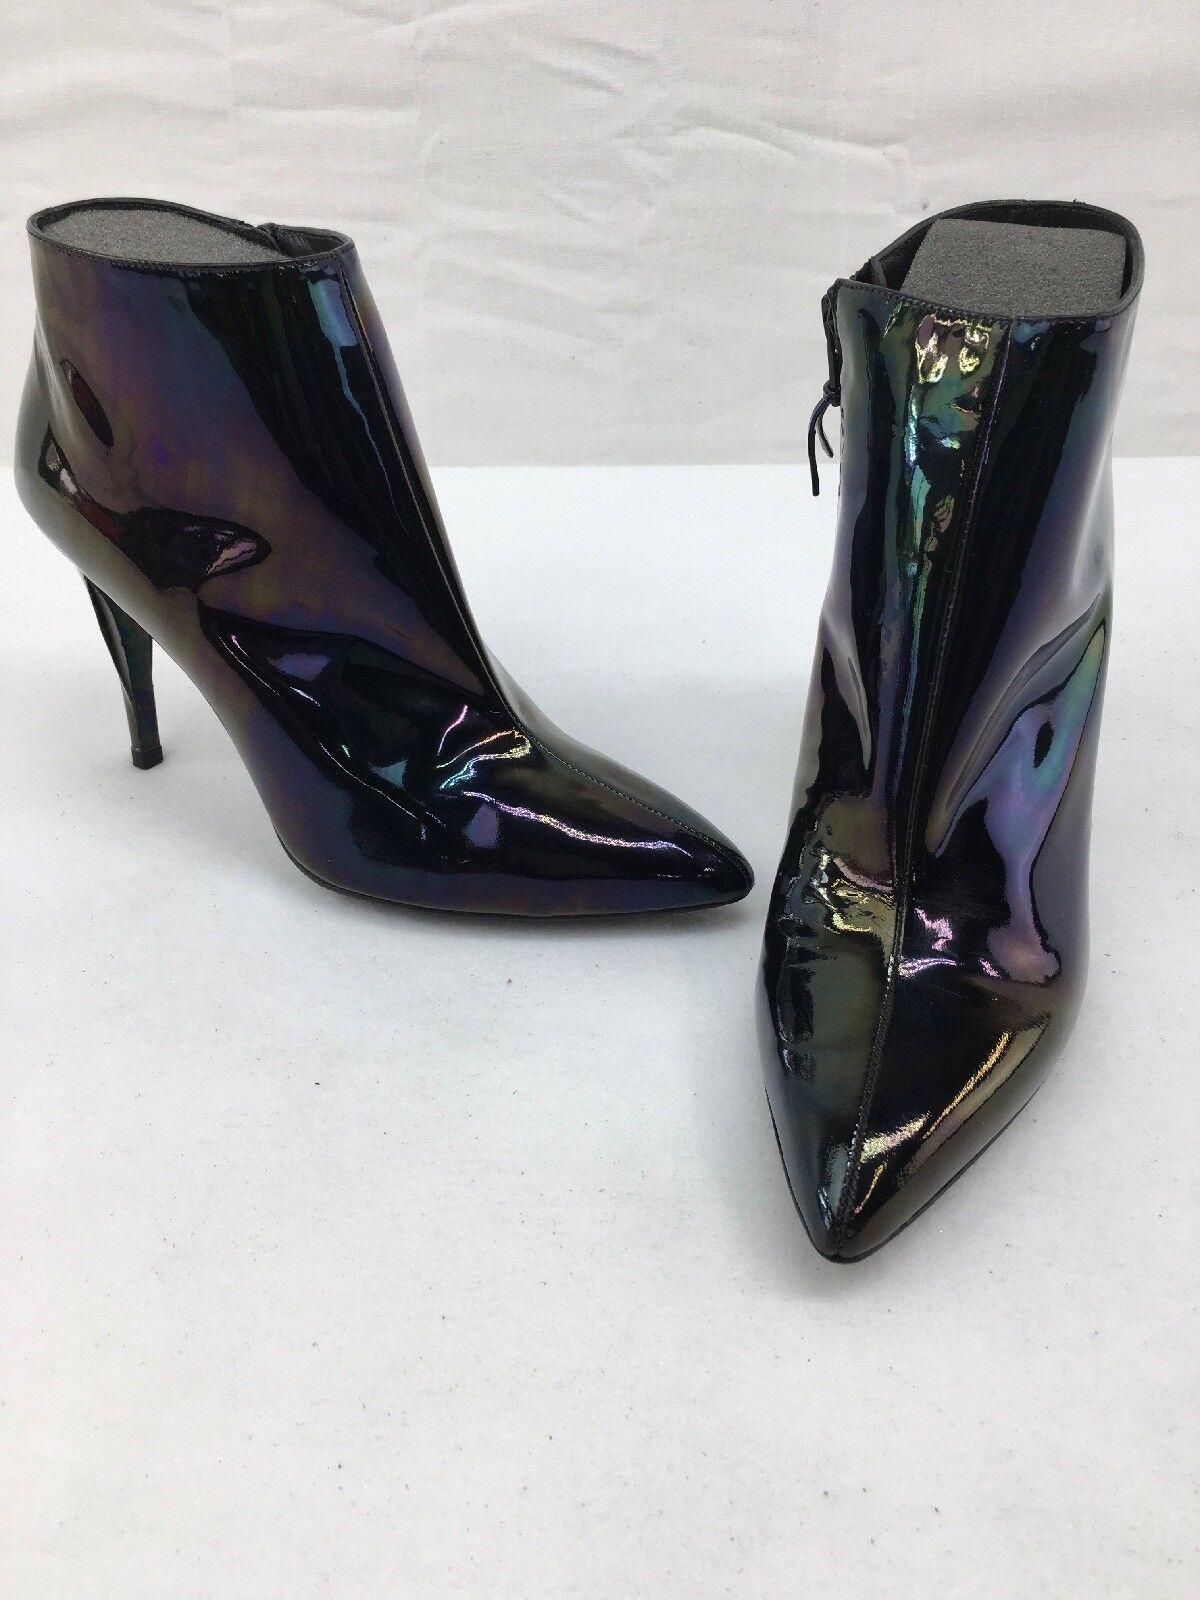 Stuart Weitzman Iridescent Patent Leather Stiefelie Pumps Größe 8M F1270